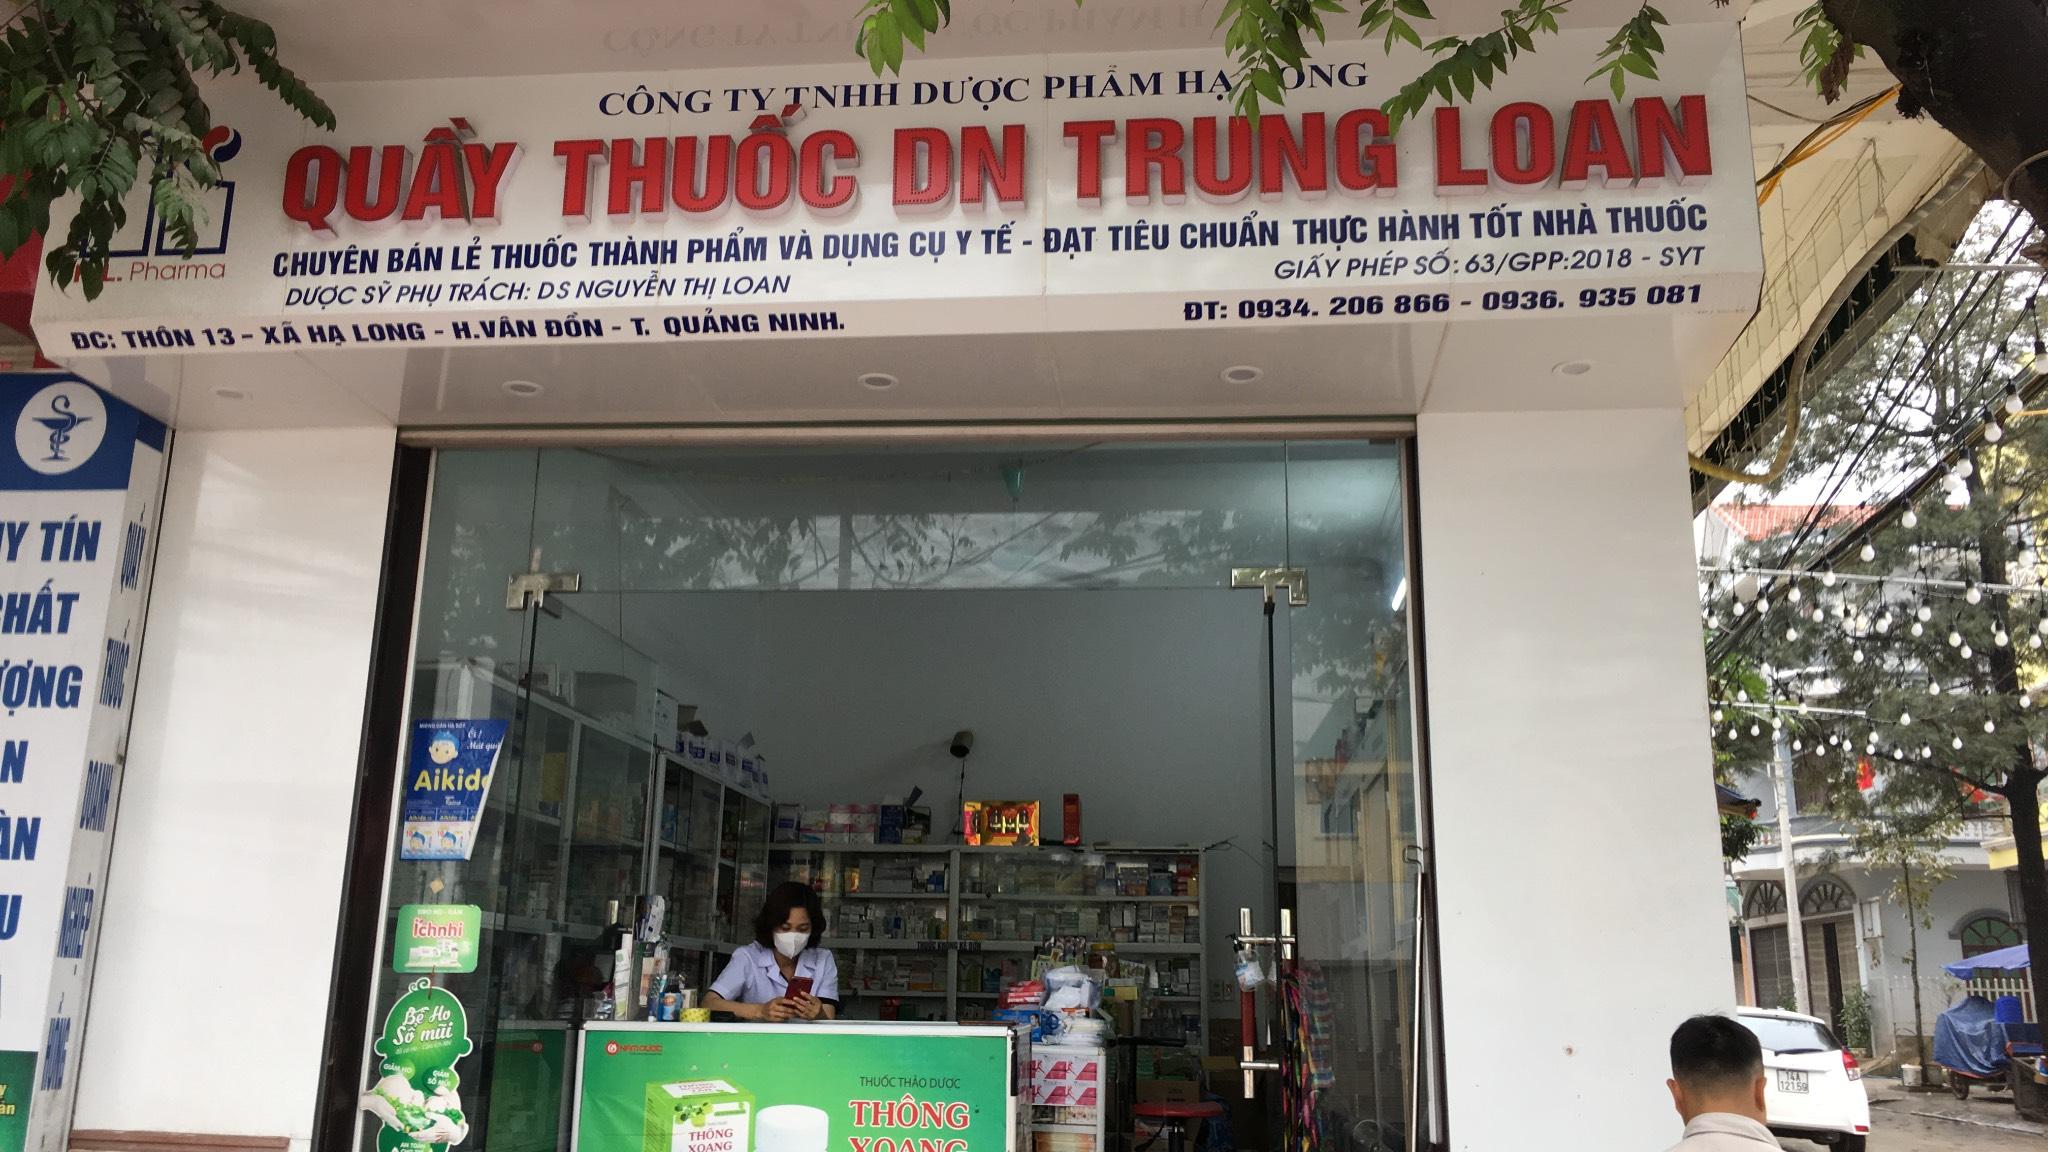 Công ty TNHH Dược phẩm Hạ Long - Quầy thuốc DN Trung Loan